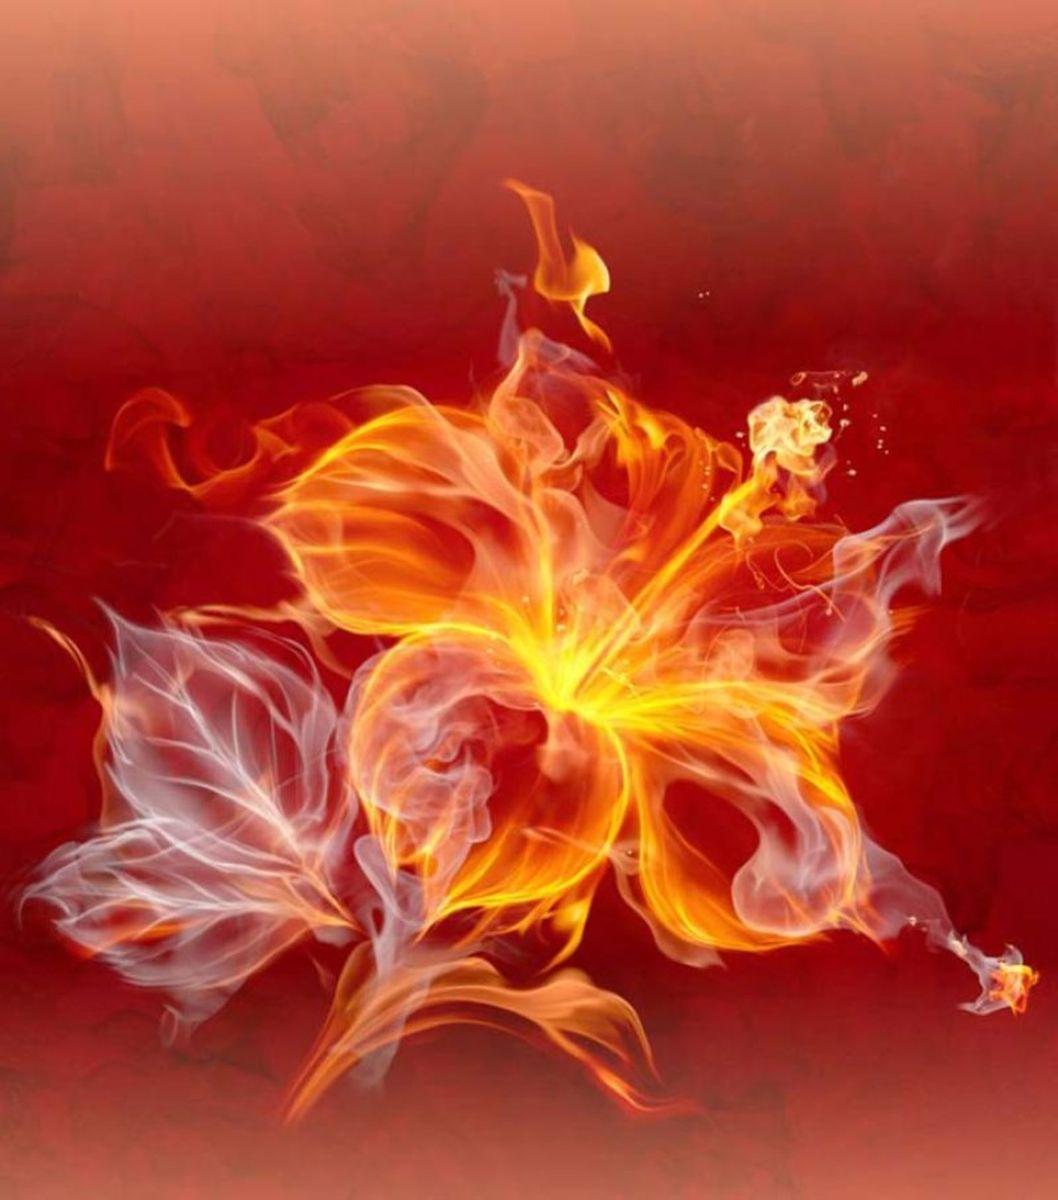 Панно декоративное Твоя Планета Цветок страсти, 210 х 238 см4607161054642